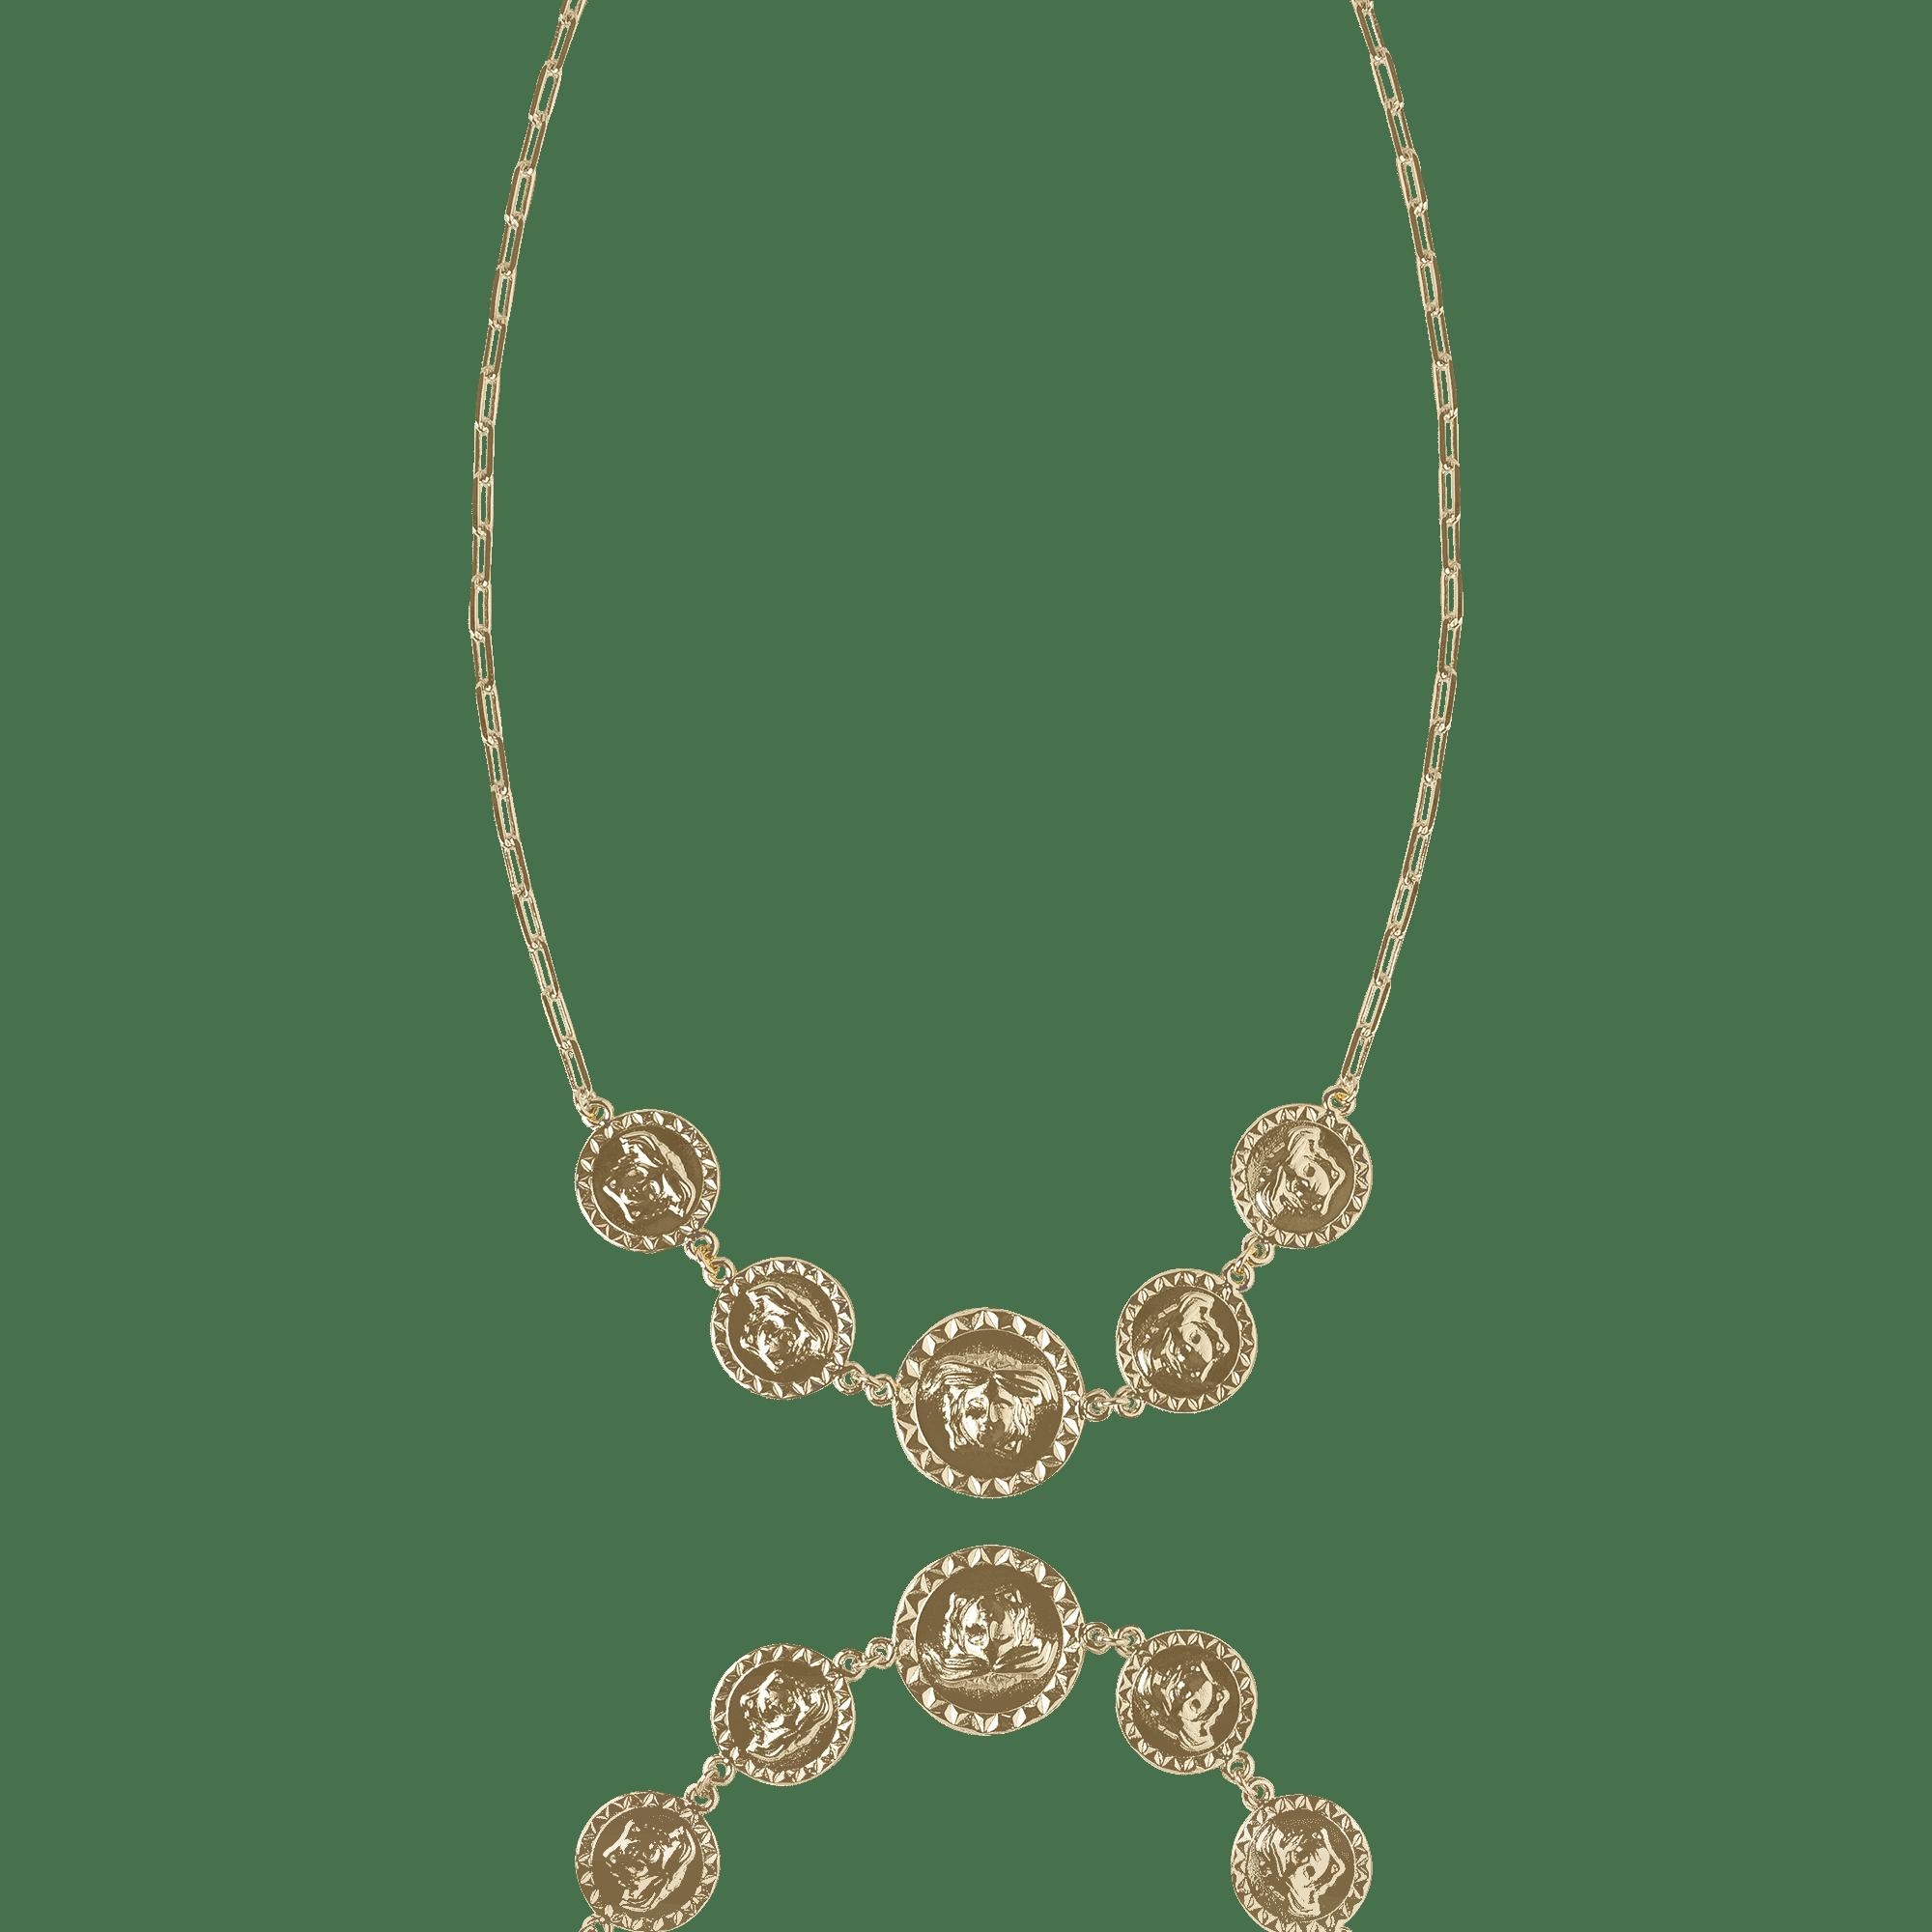 Colar Curto Inspiração Versace 5 Medalhas